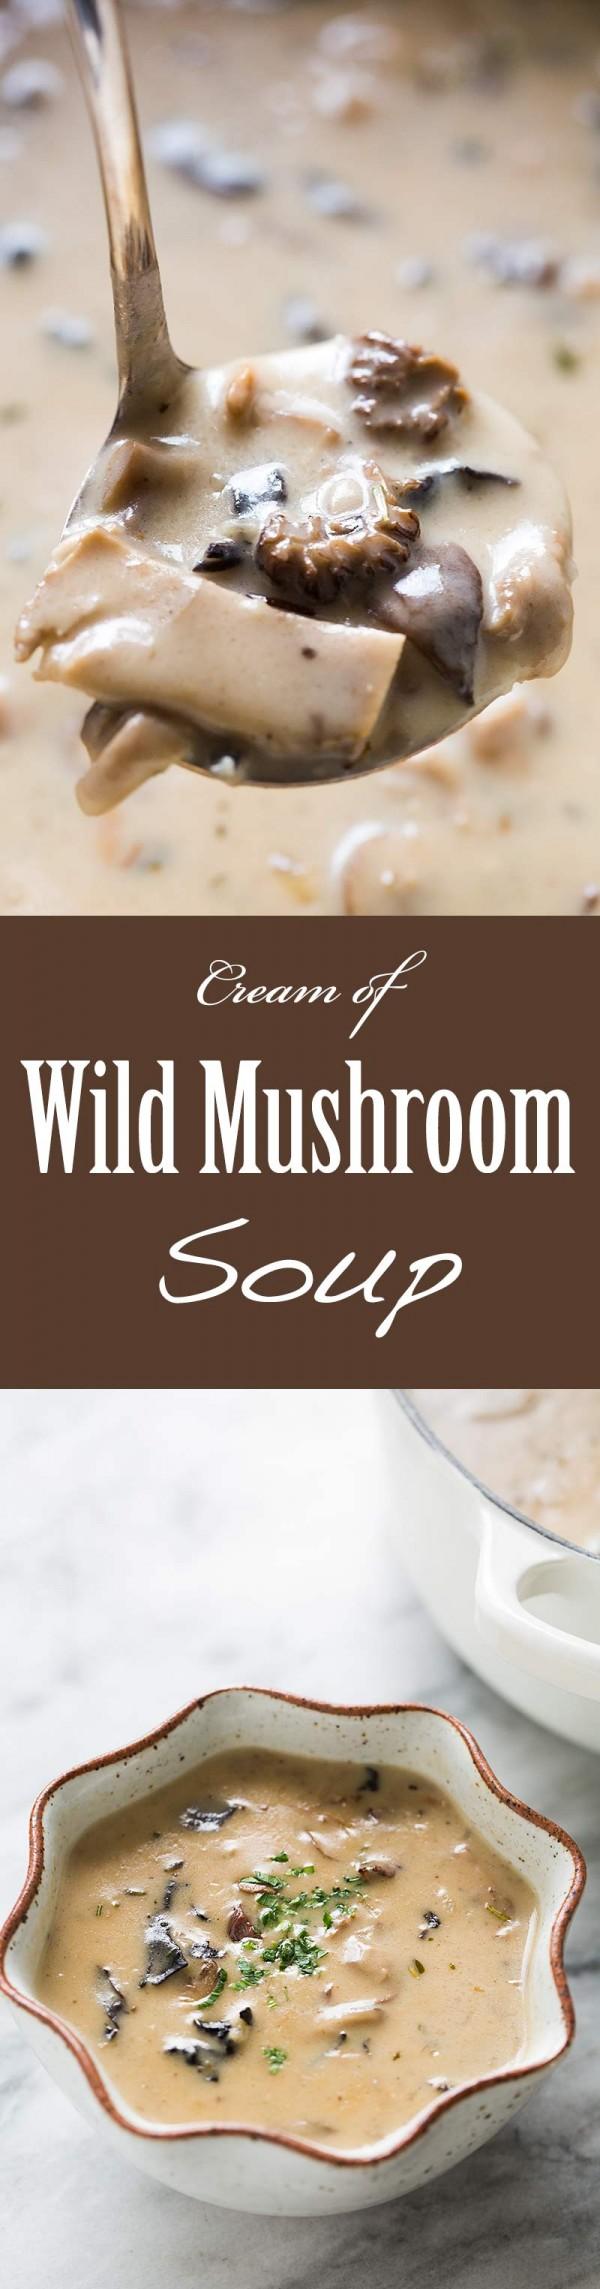 Get the recipe Cream of Wild Mushroom Soup @recipes_to_go